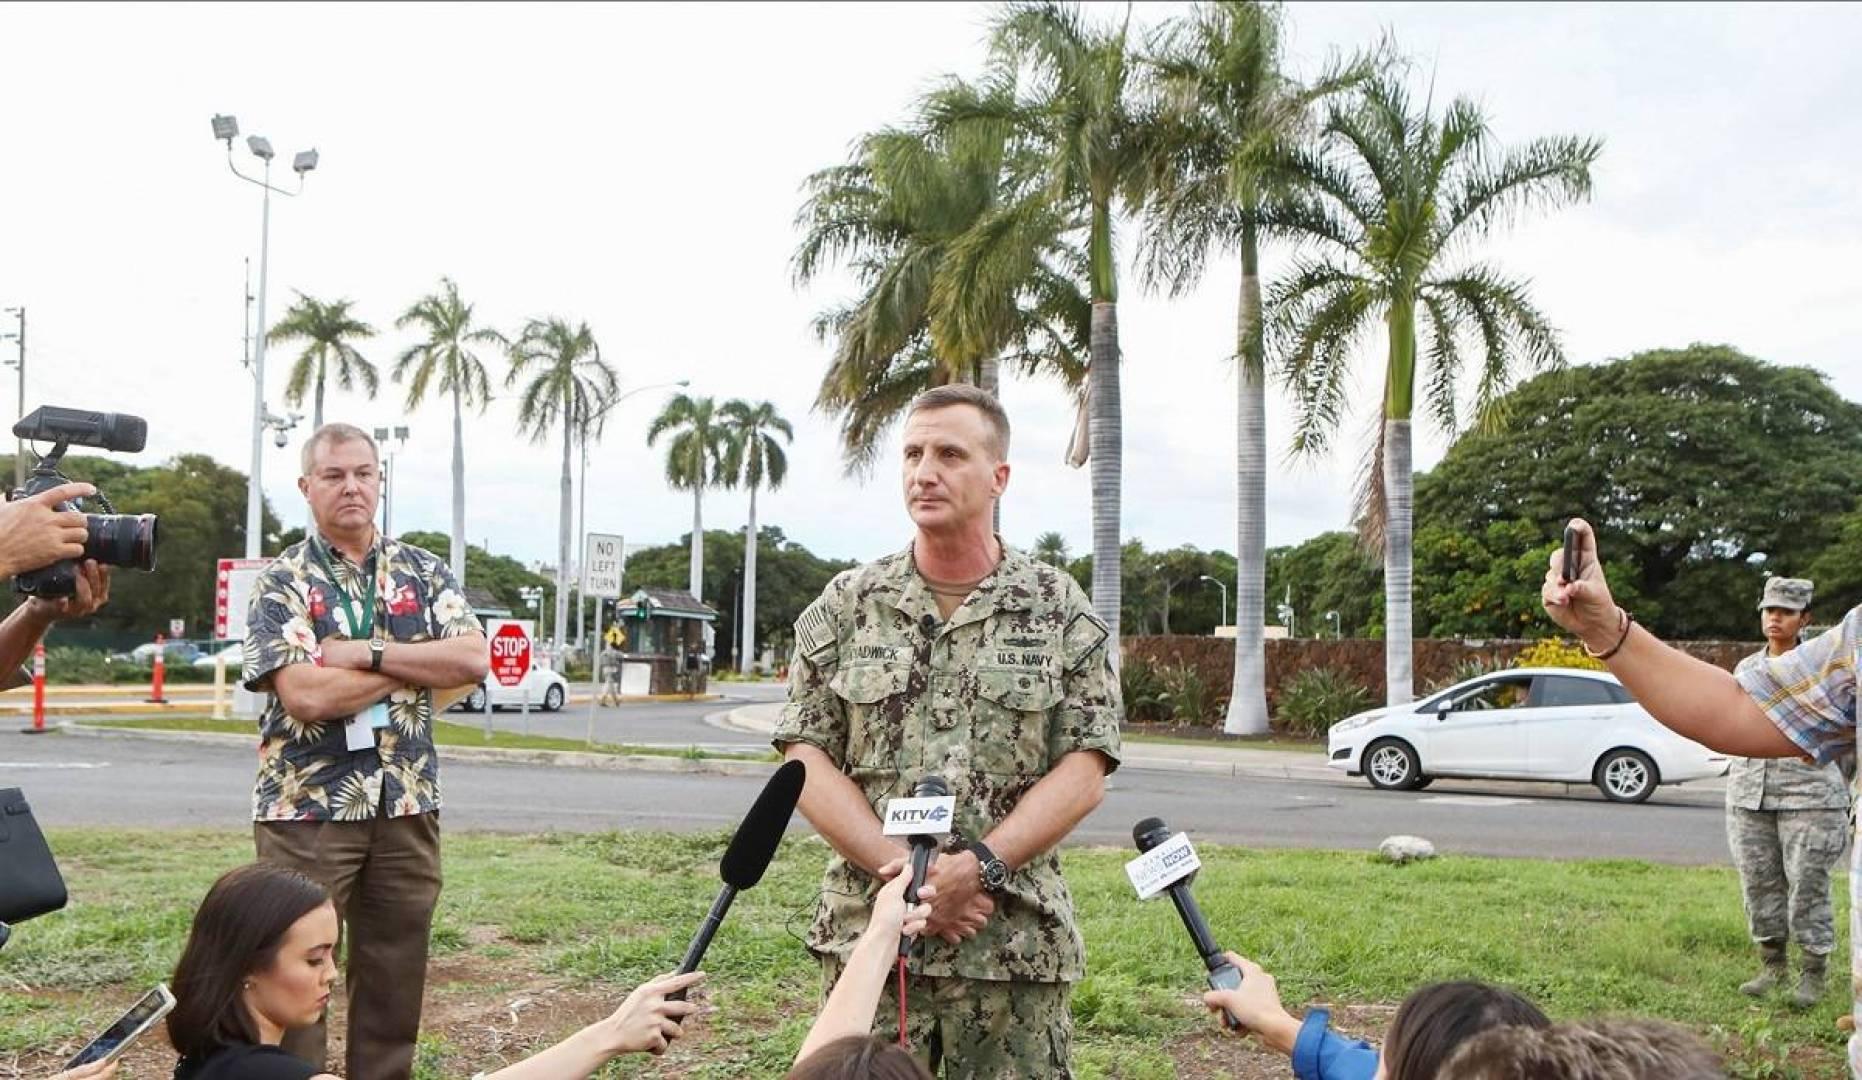 3 قتلى بينهم منفذ الهجوم بحادث إطلاق نار في قاعدة «بيرل هاربر» الأميركية